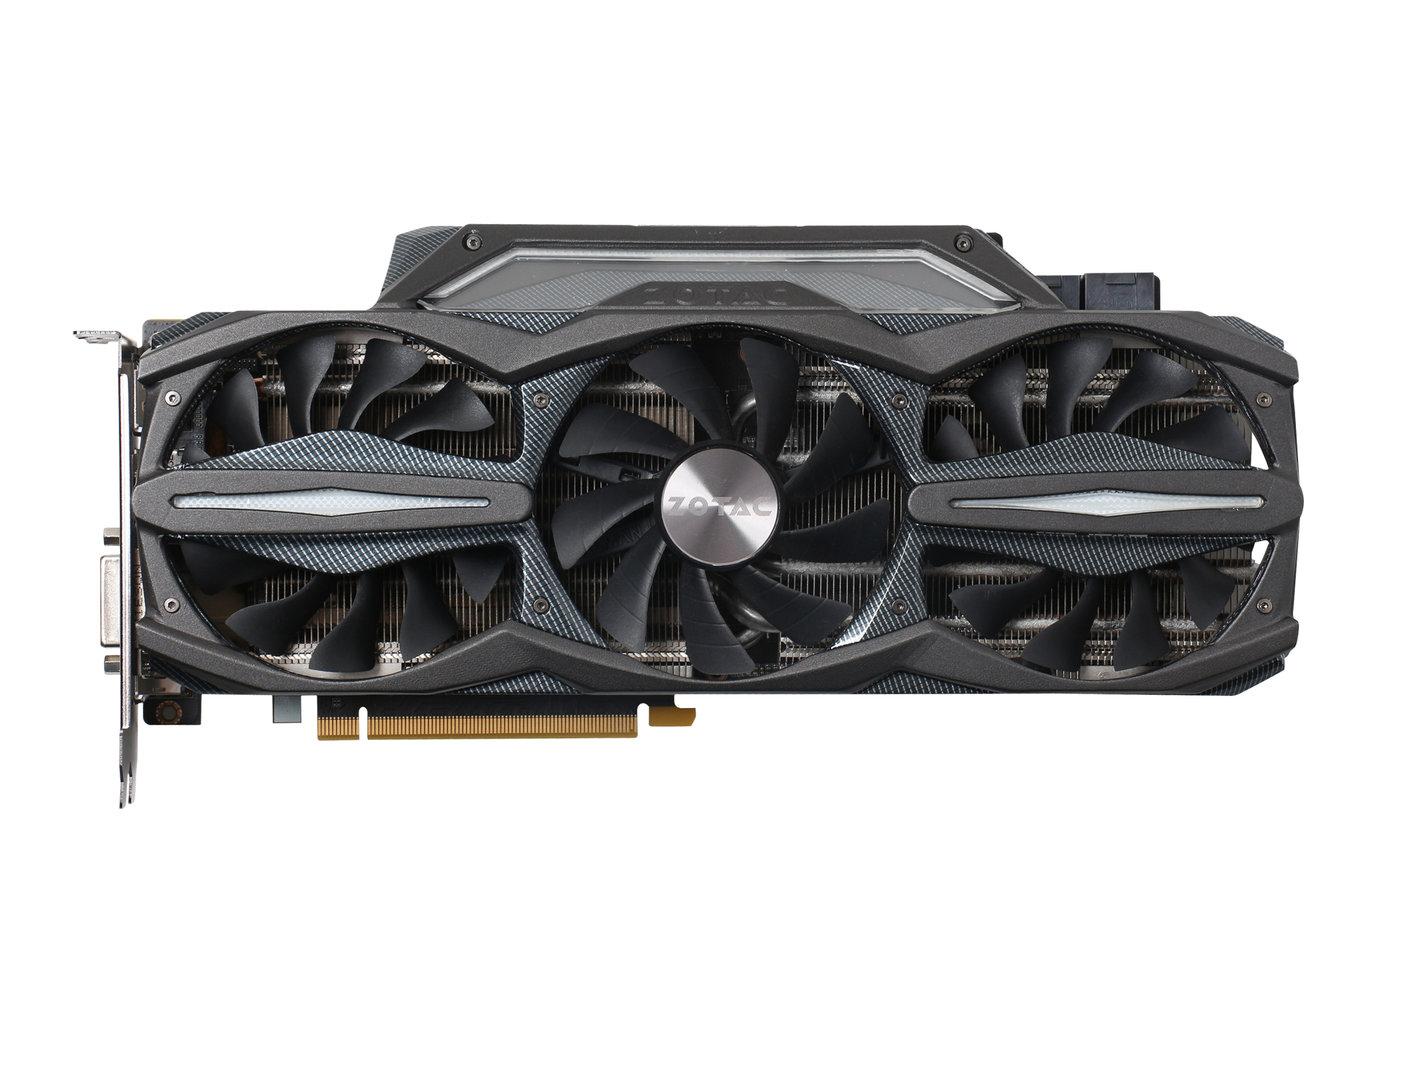 Zotac GeForce GTX 980 AMP! Extreme